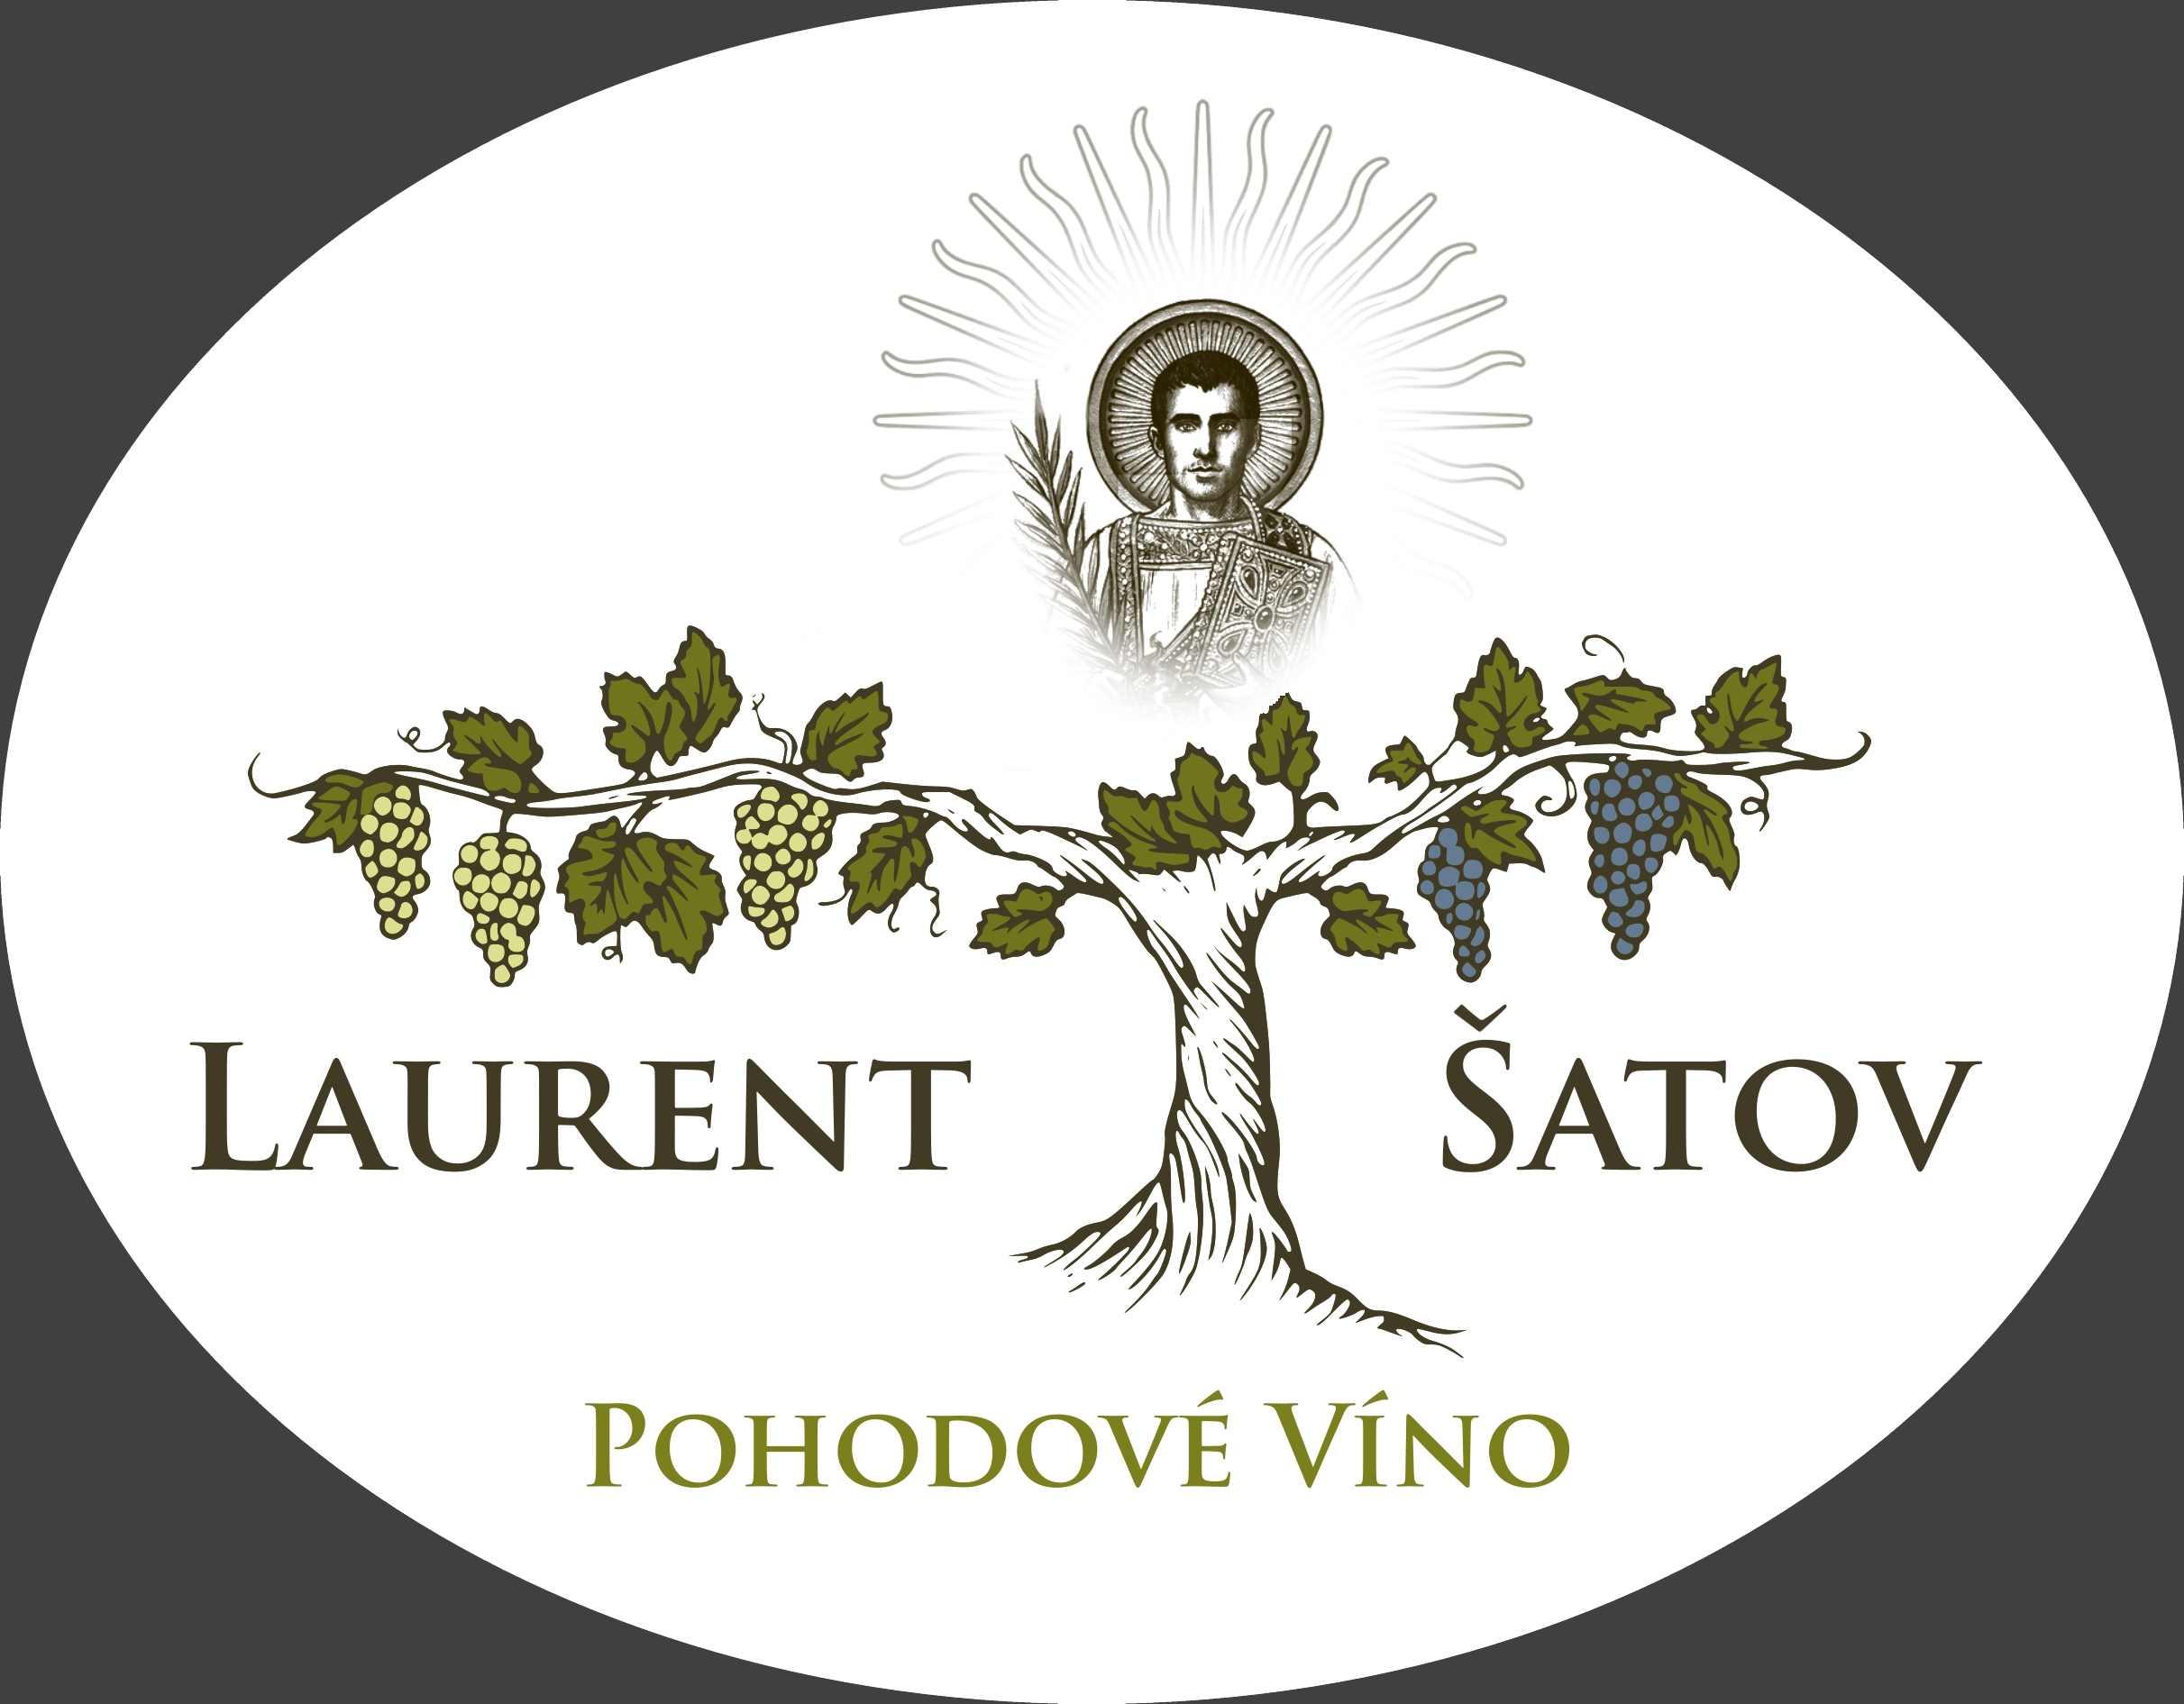 Vinařství Laurent Šatov